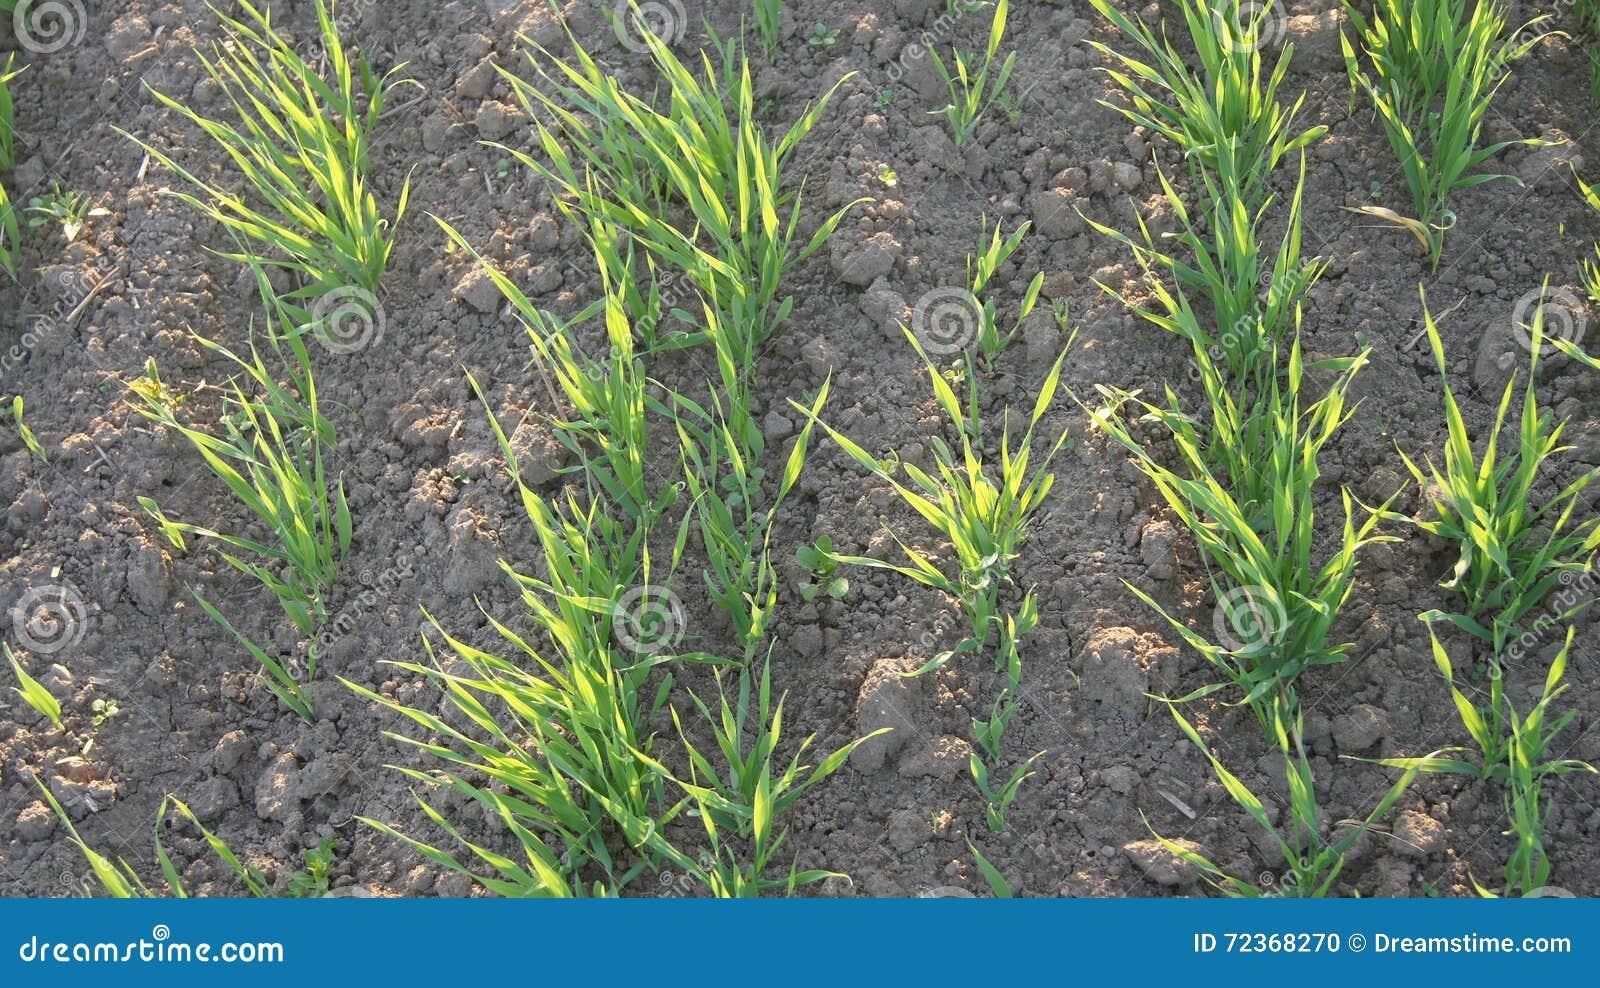 域幼木春小麦